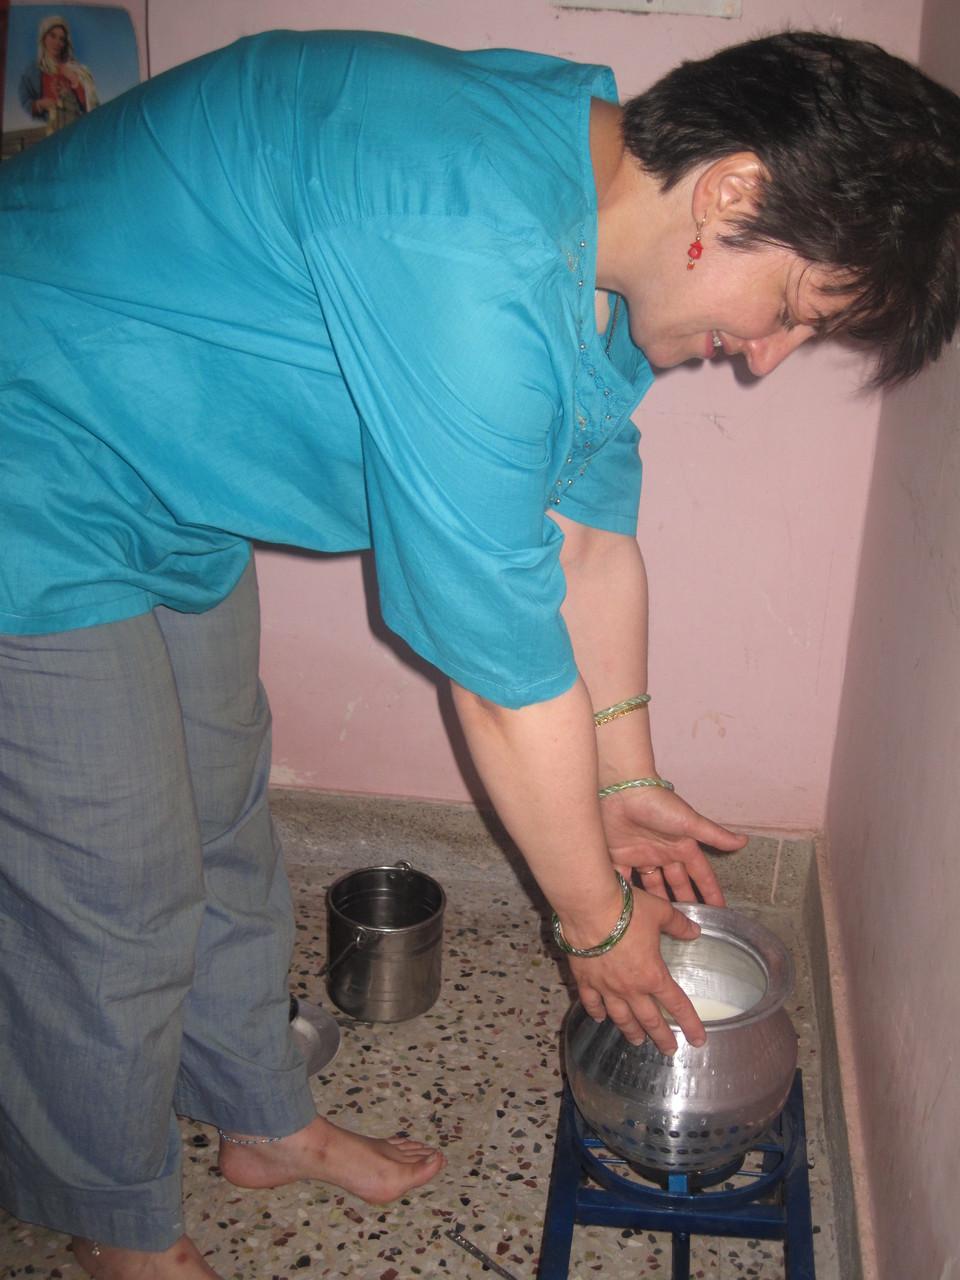 Inauguration de la maison d'Anand à Thandaray. Le lait doit bouillir et être distribué pour favoriser les bons auspices - Janvier 2009